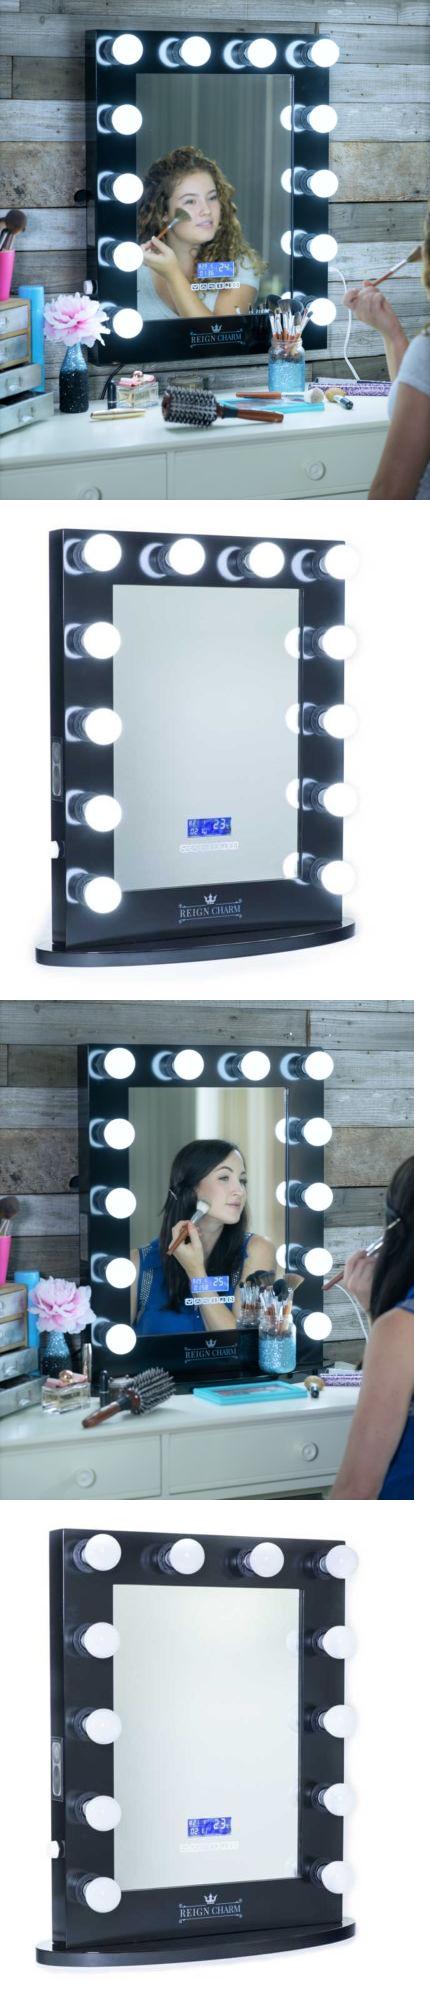 Makeup Mirrors Hollywood Vanity Mirror Bluetooth Speakers